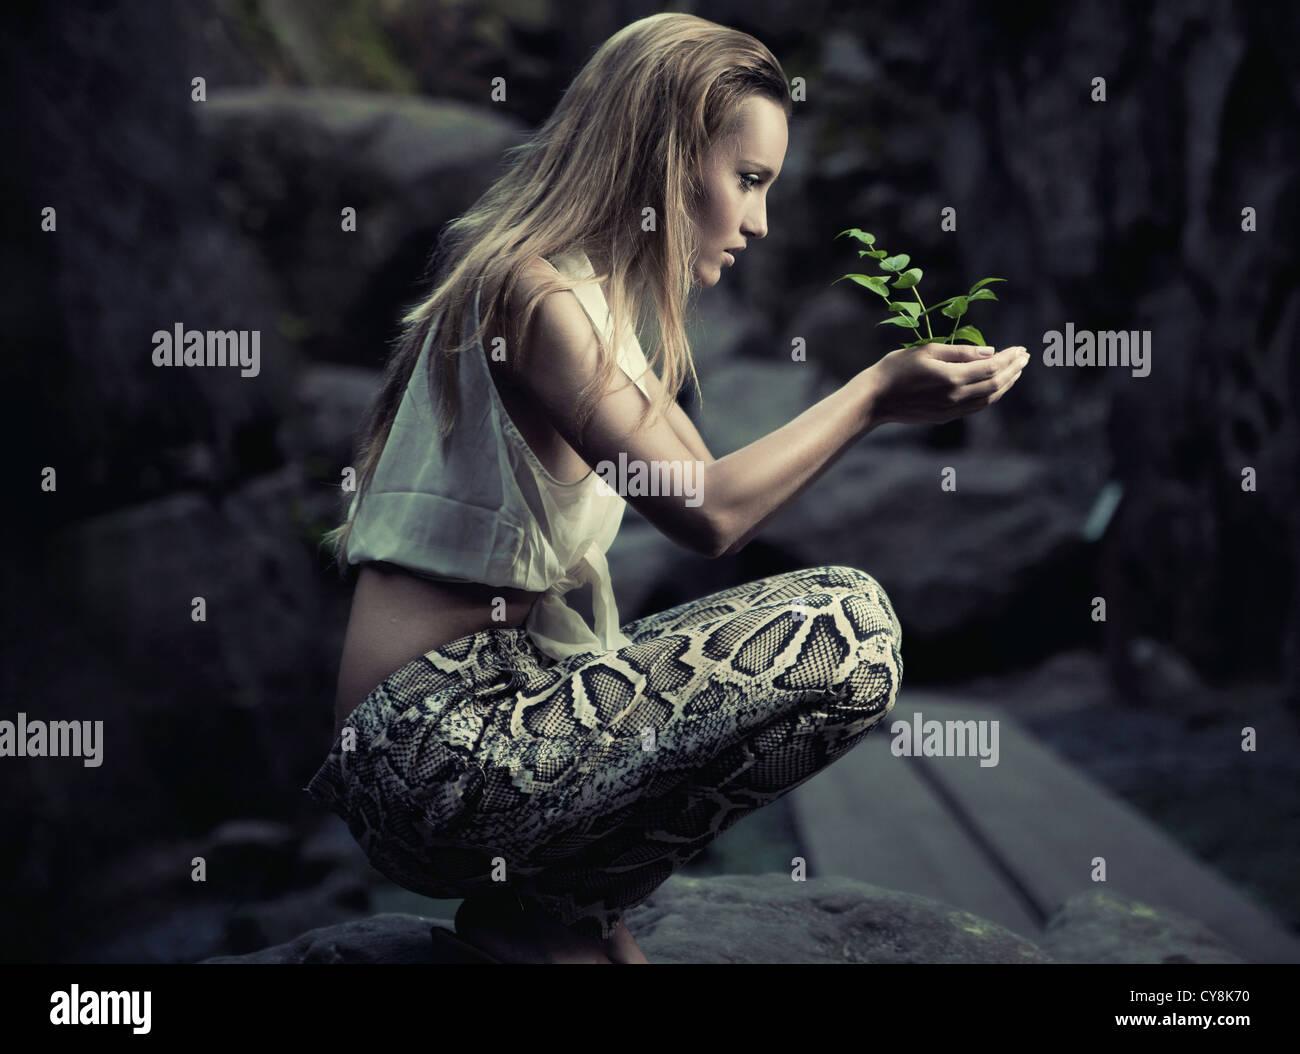 Hermosa joven sosteniendo una planta Imagen De Stock